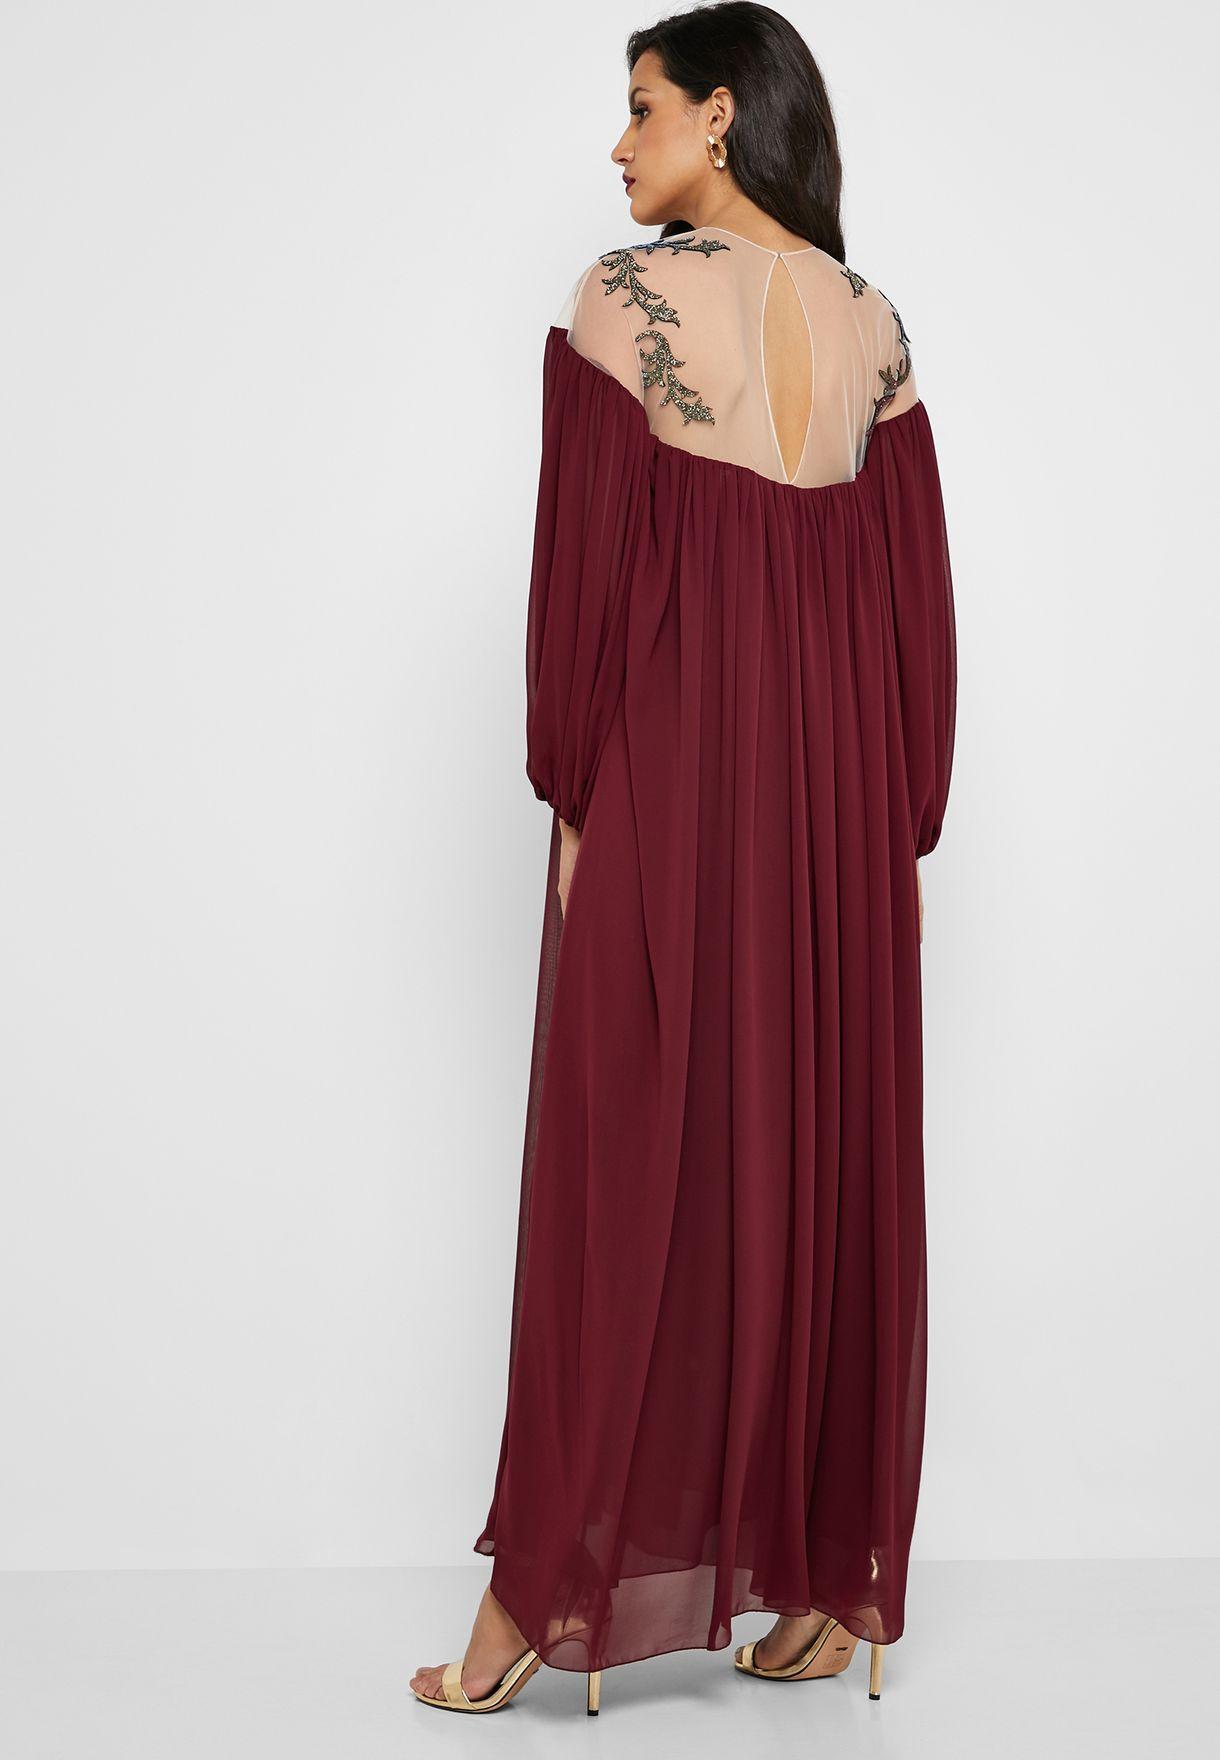 فستان ماكسي باكمام طويلة